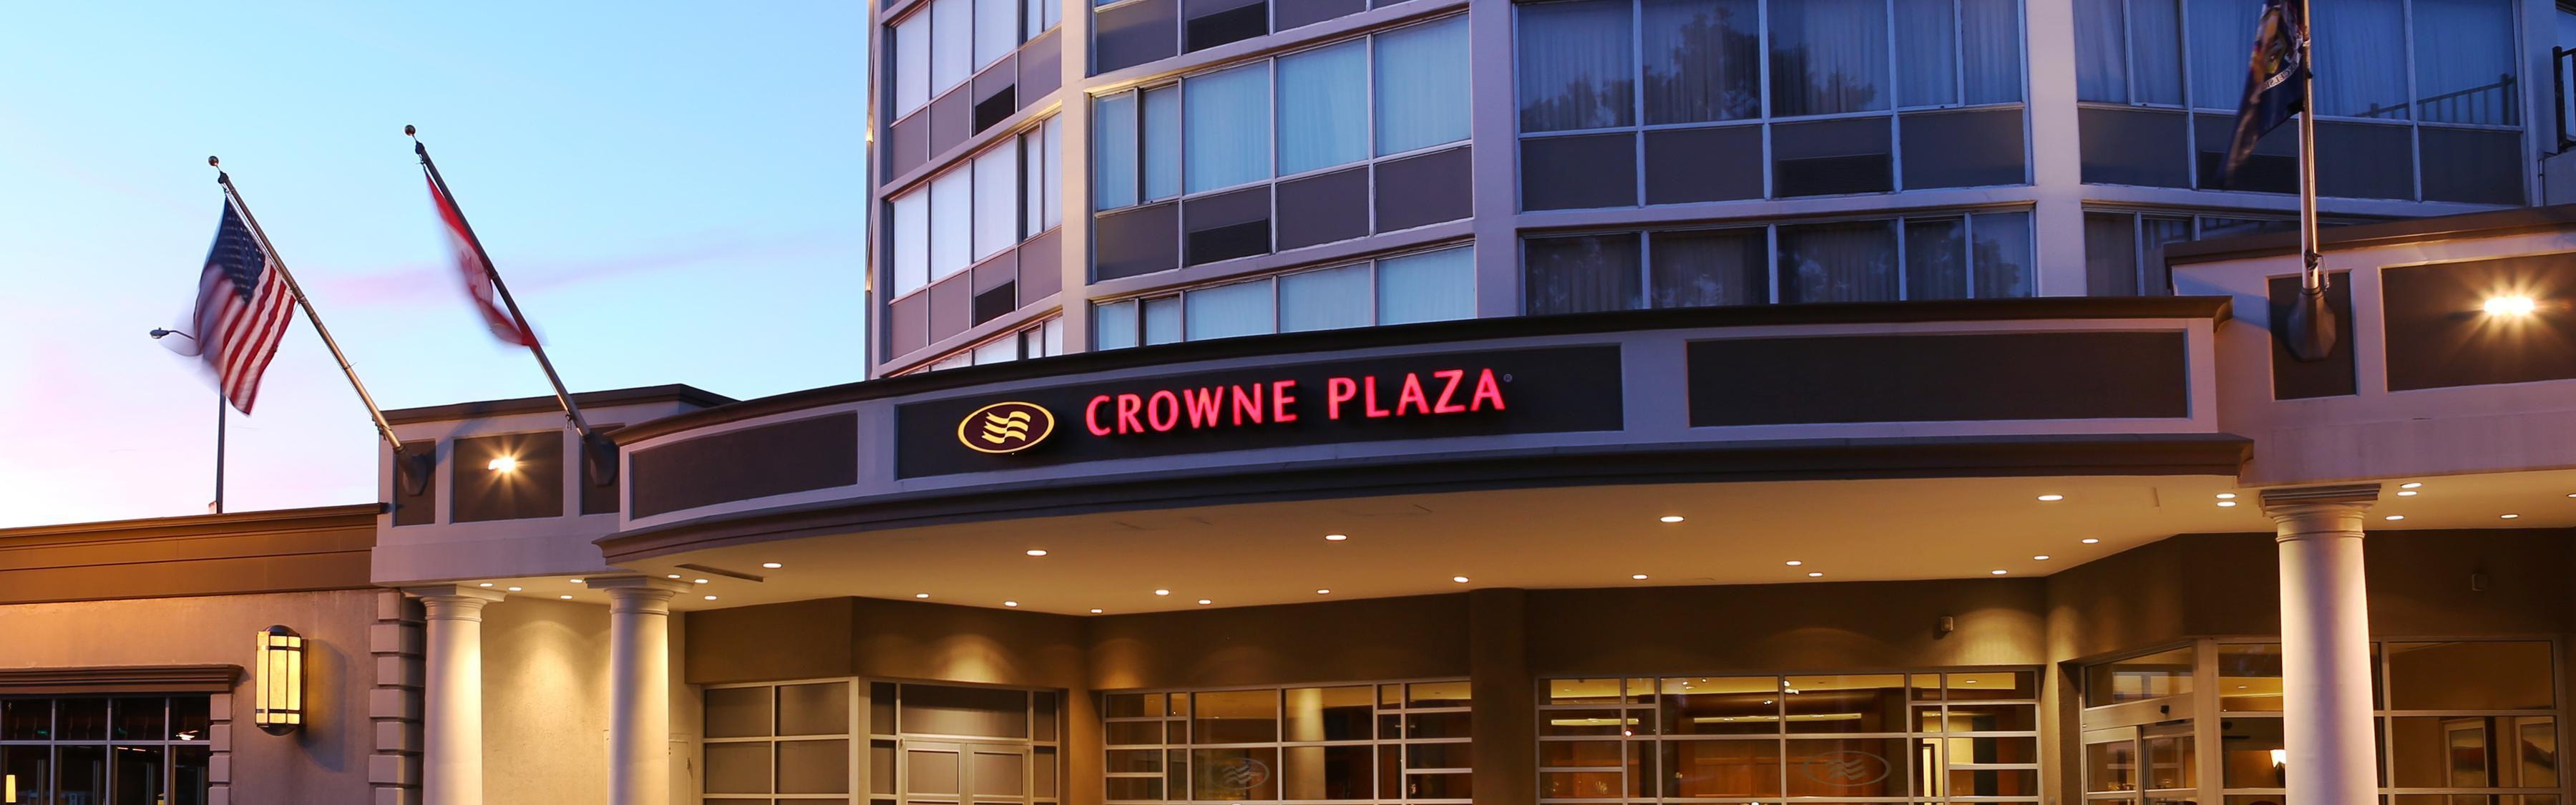 Crowne Plaza Syracuse image 0